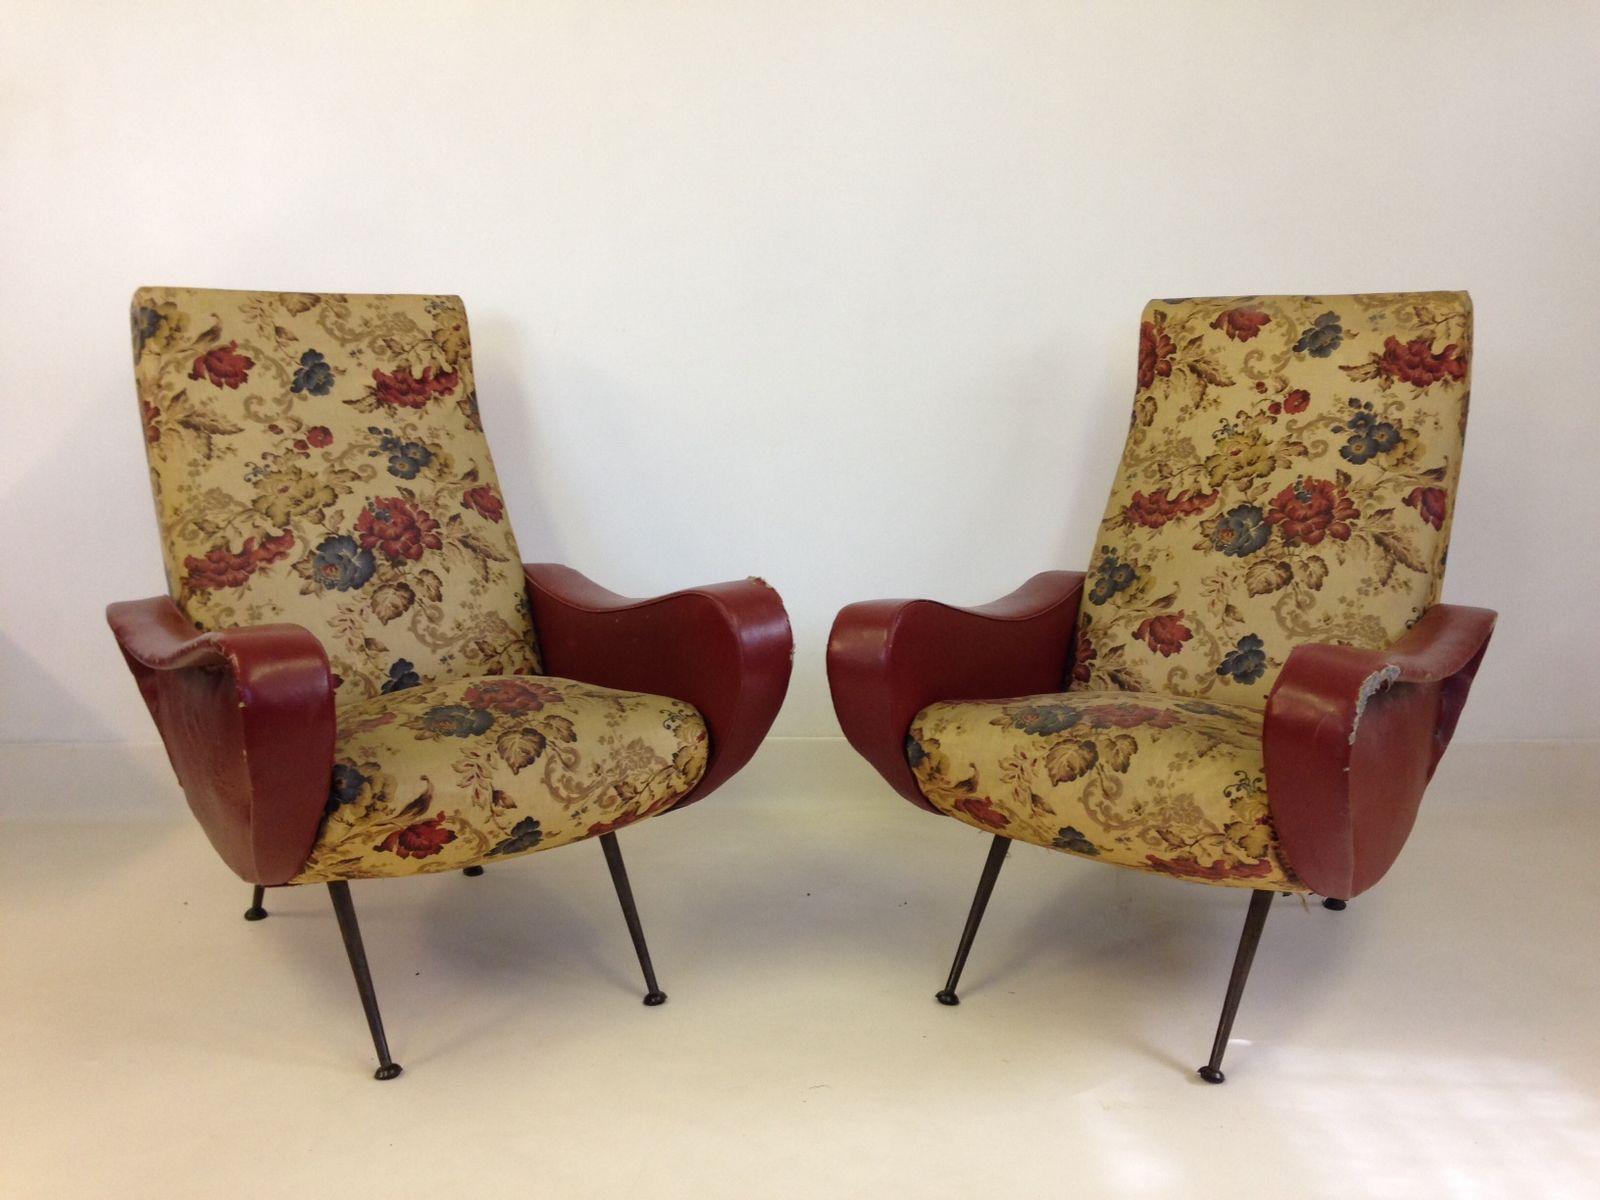 italienische sessel mit blumenmuster 1950er 2er set bei pamono kaufen. Black Bedroom Furniture Sets. Home Design Ideas